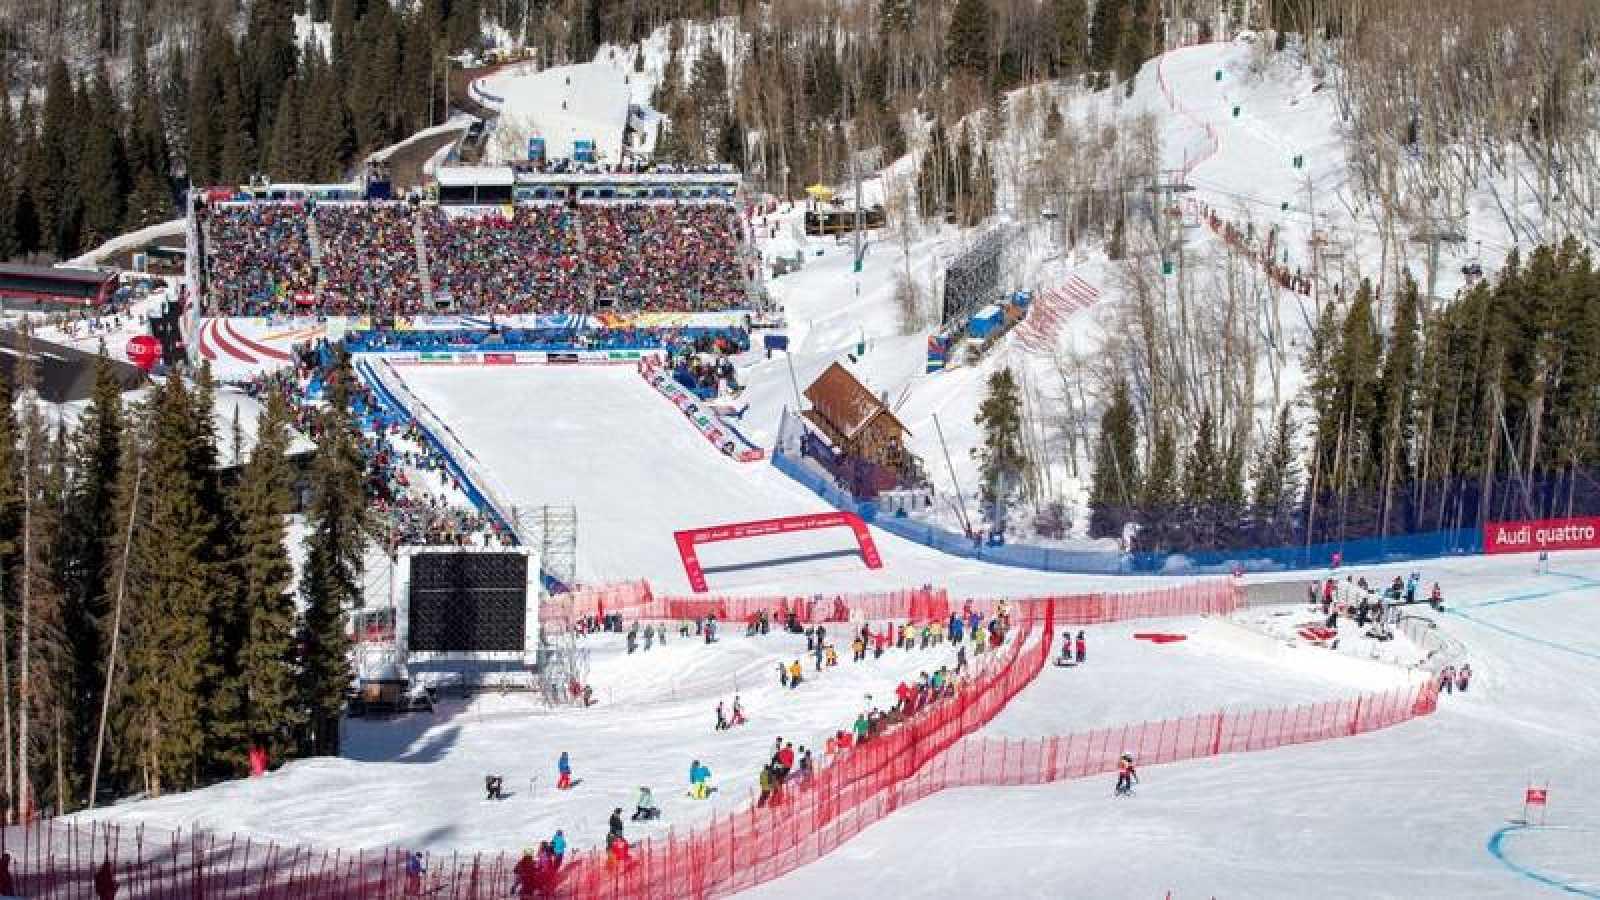 Imagen de la estación de esquí de Beaver Creek, Colorado, USA.